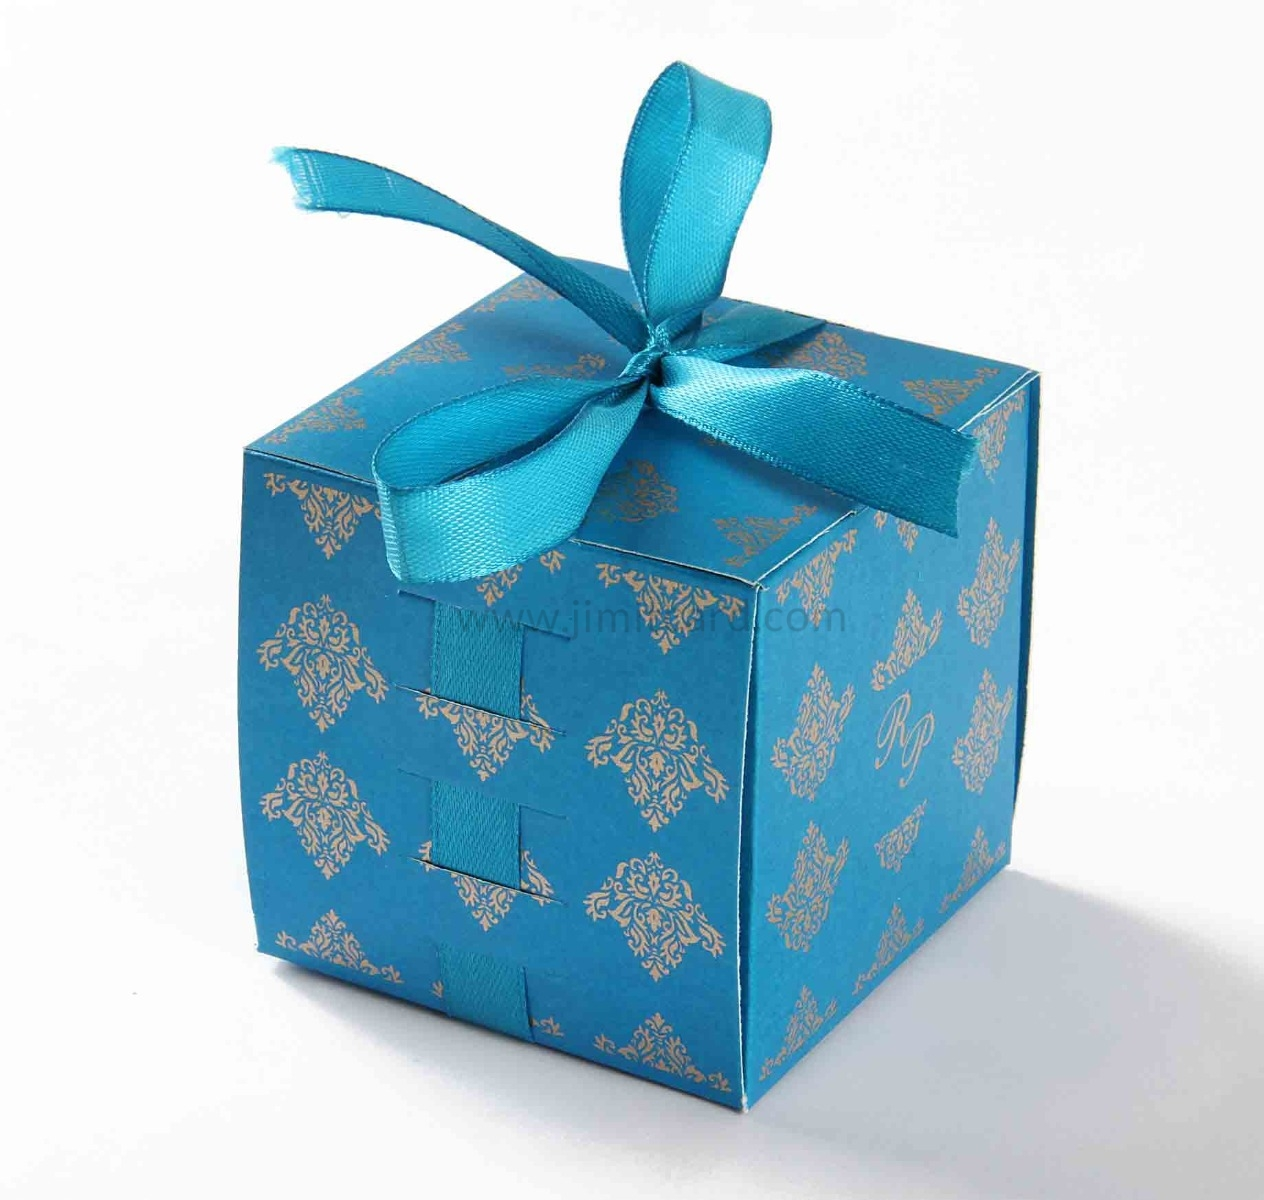 Bow Top Cube Favor Box No 5 - Firoze Blue-8532